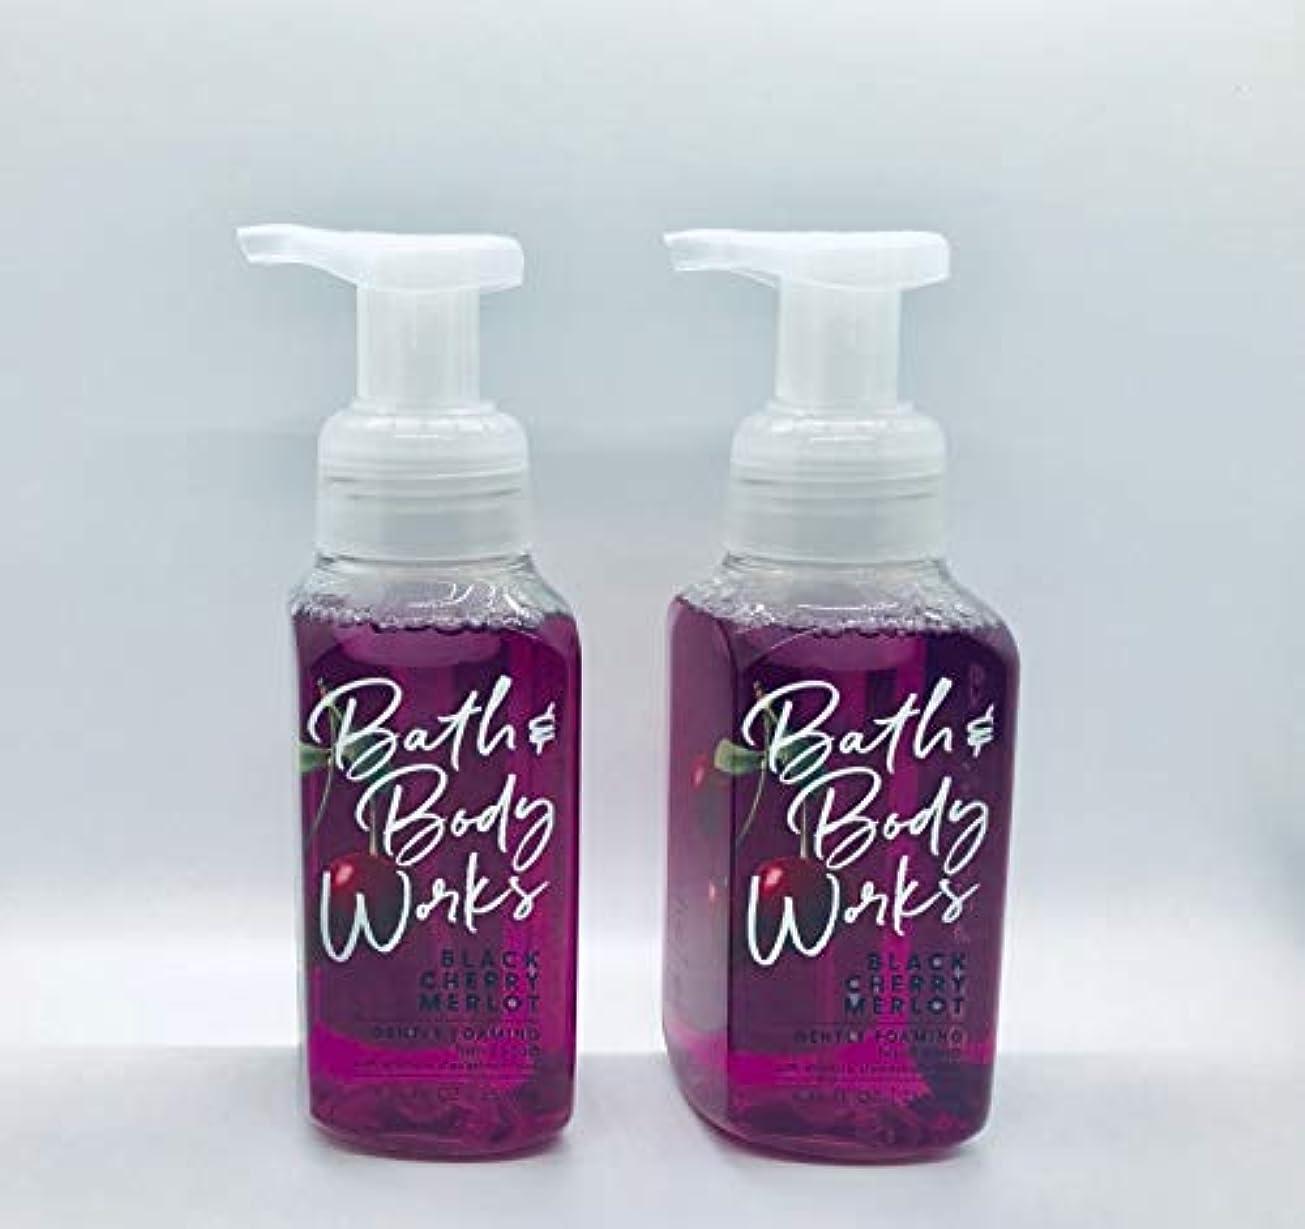 ルネッサンスローン別にバス&ボディワークス ジェントル フォーミング ハンドソープ Black Chery MERLOT Gentle Foaming Hand Soap [並行輸入品]